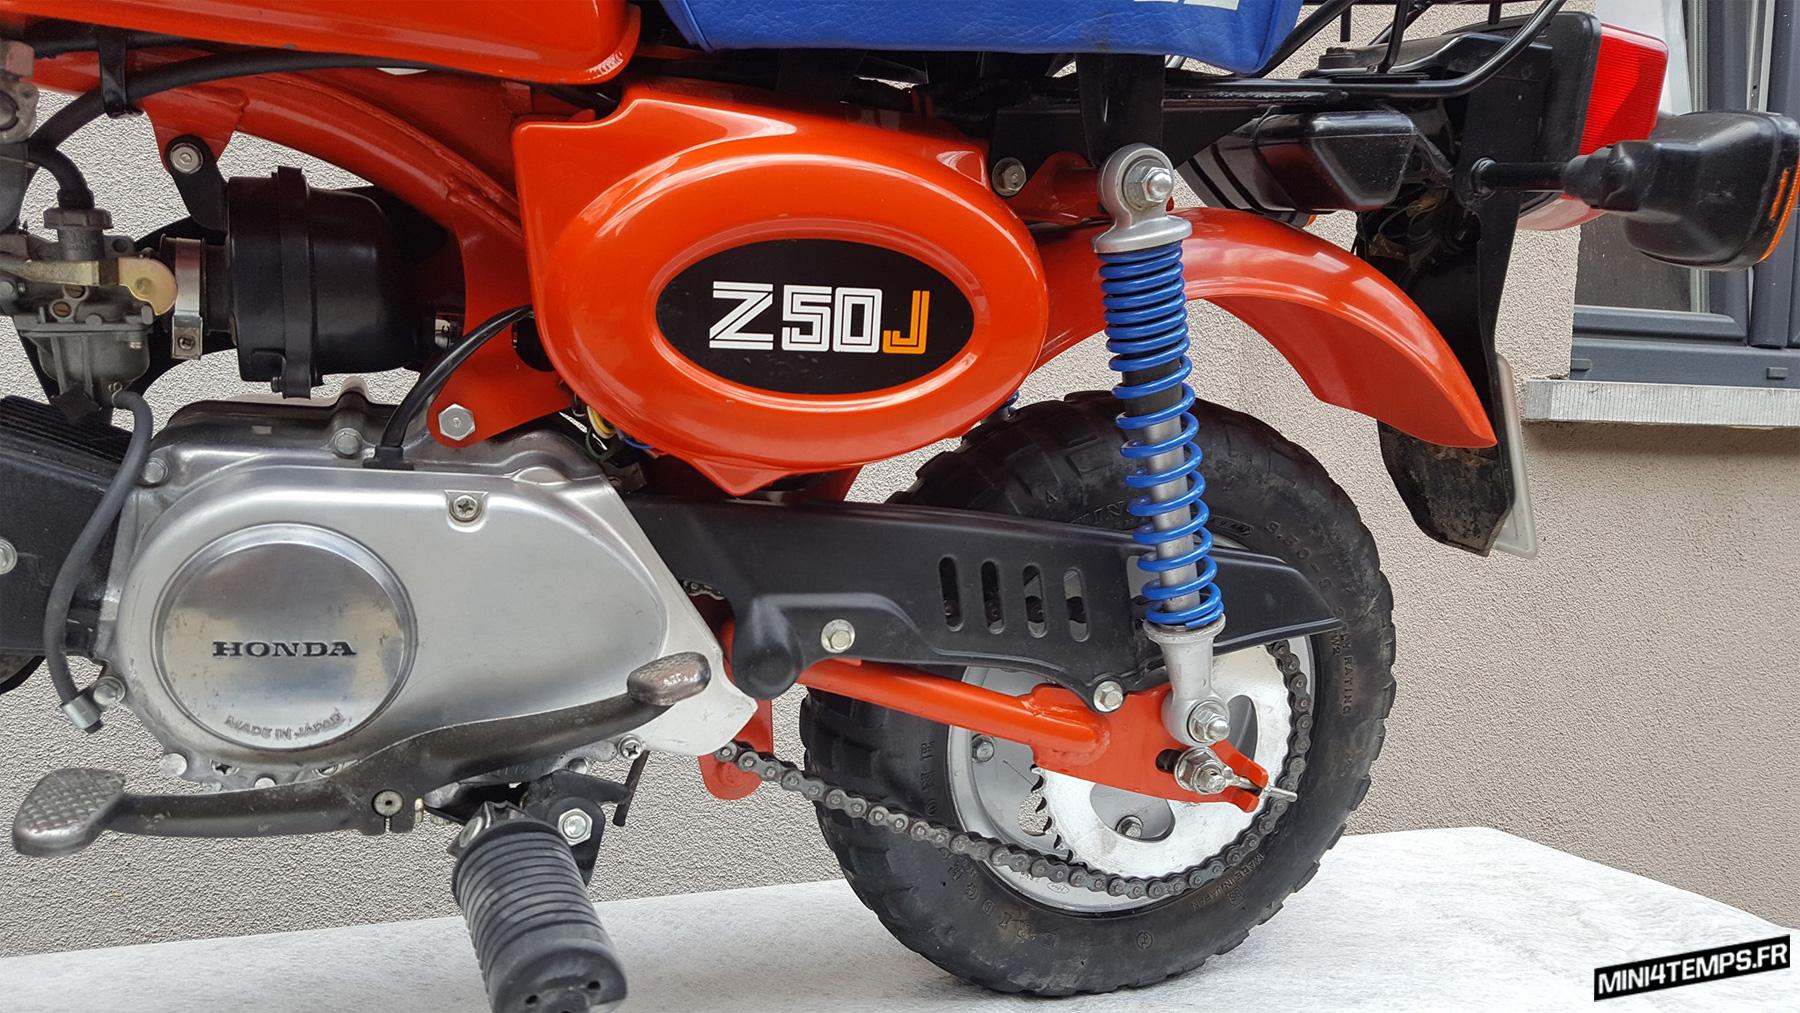 Le Honda Monkey Z50 J2 de Sam - mini4temps.fr